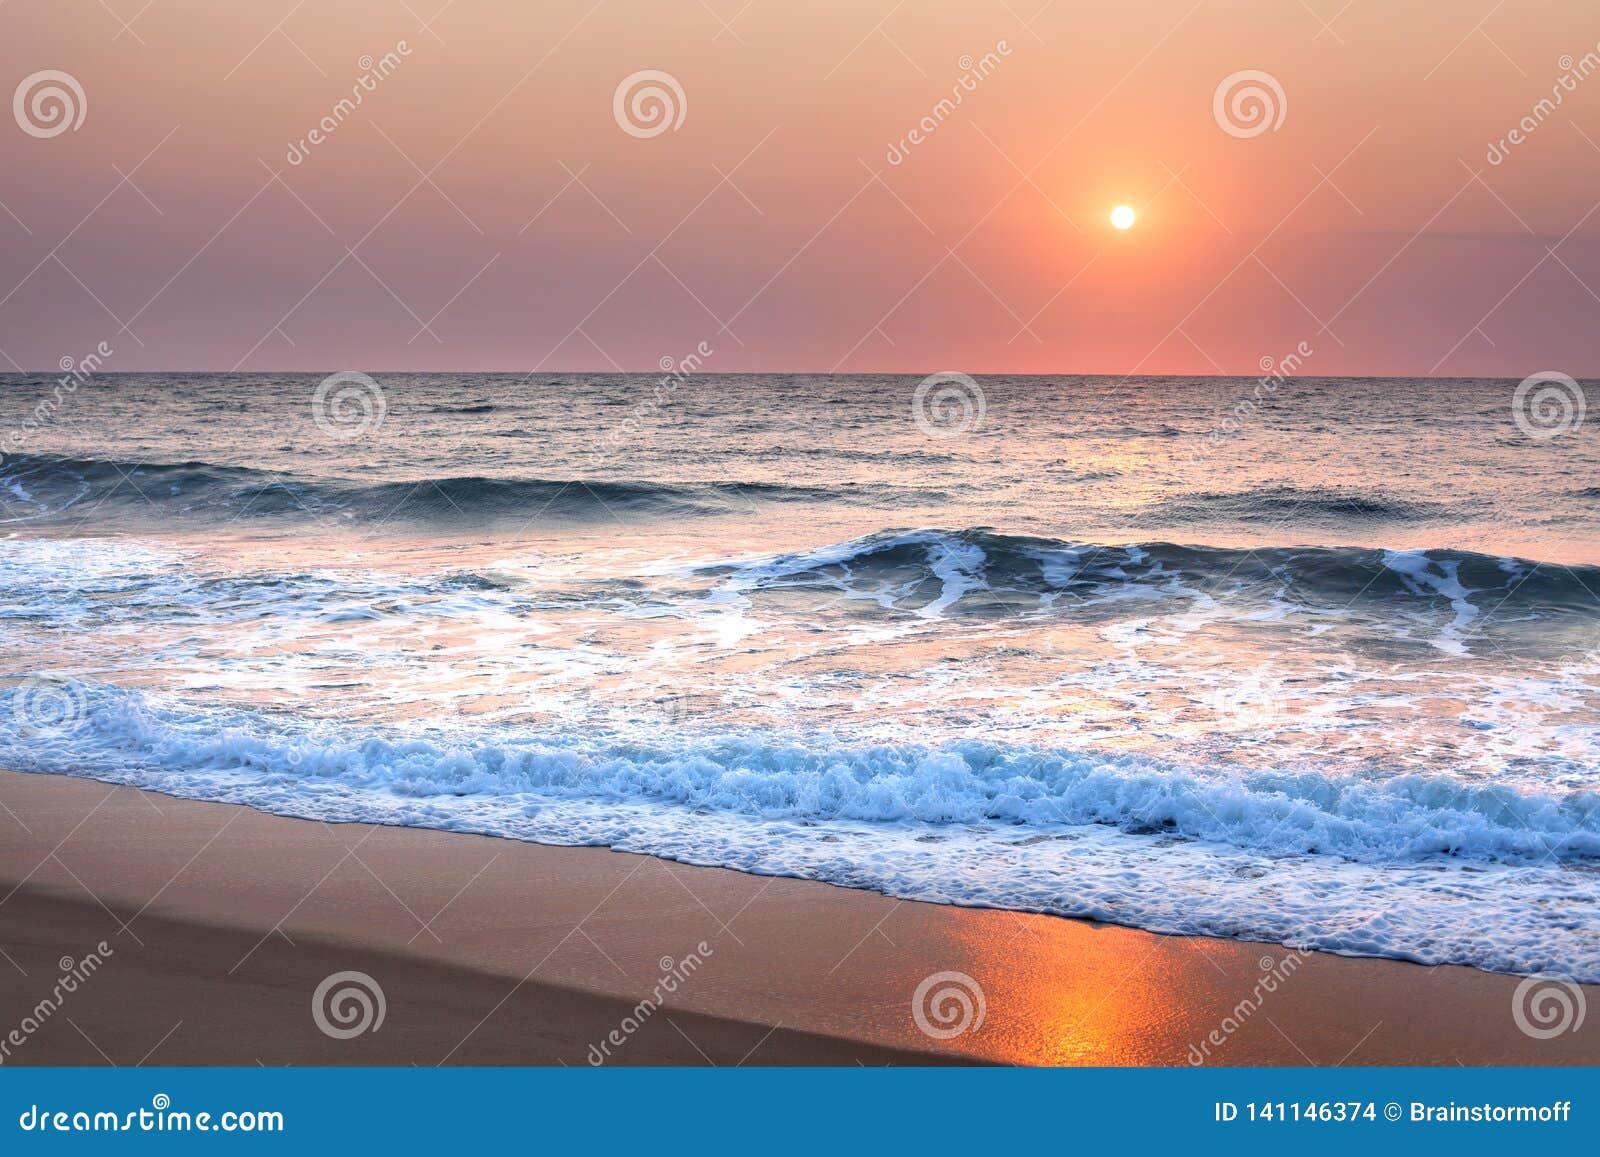 Coucher du soleil ou lever de soleil de stupéfaction au-dessus de la mer ou de l océan sur la plage, le ciel pourpre, les vagues